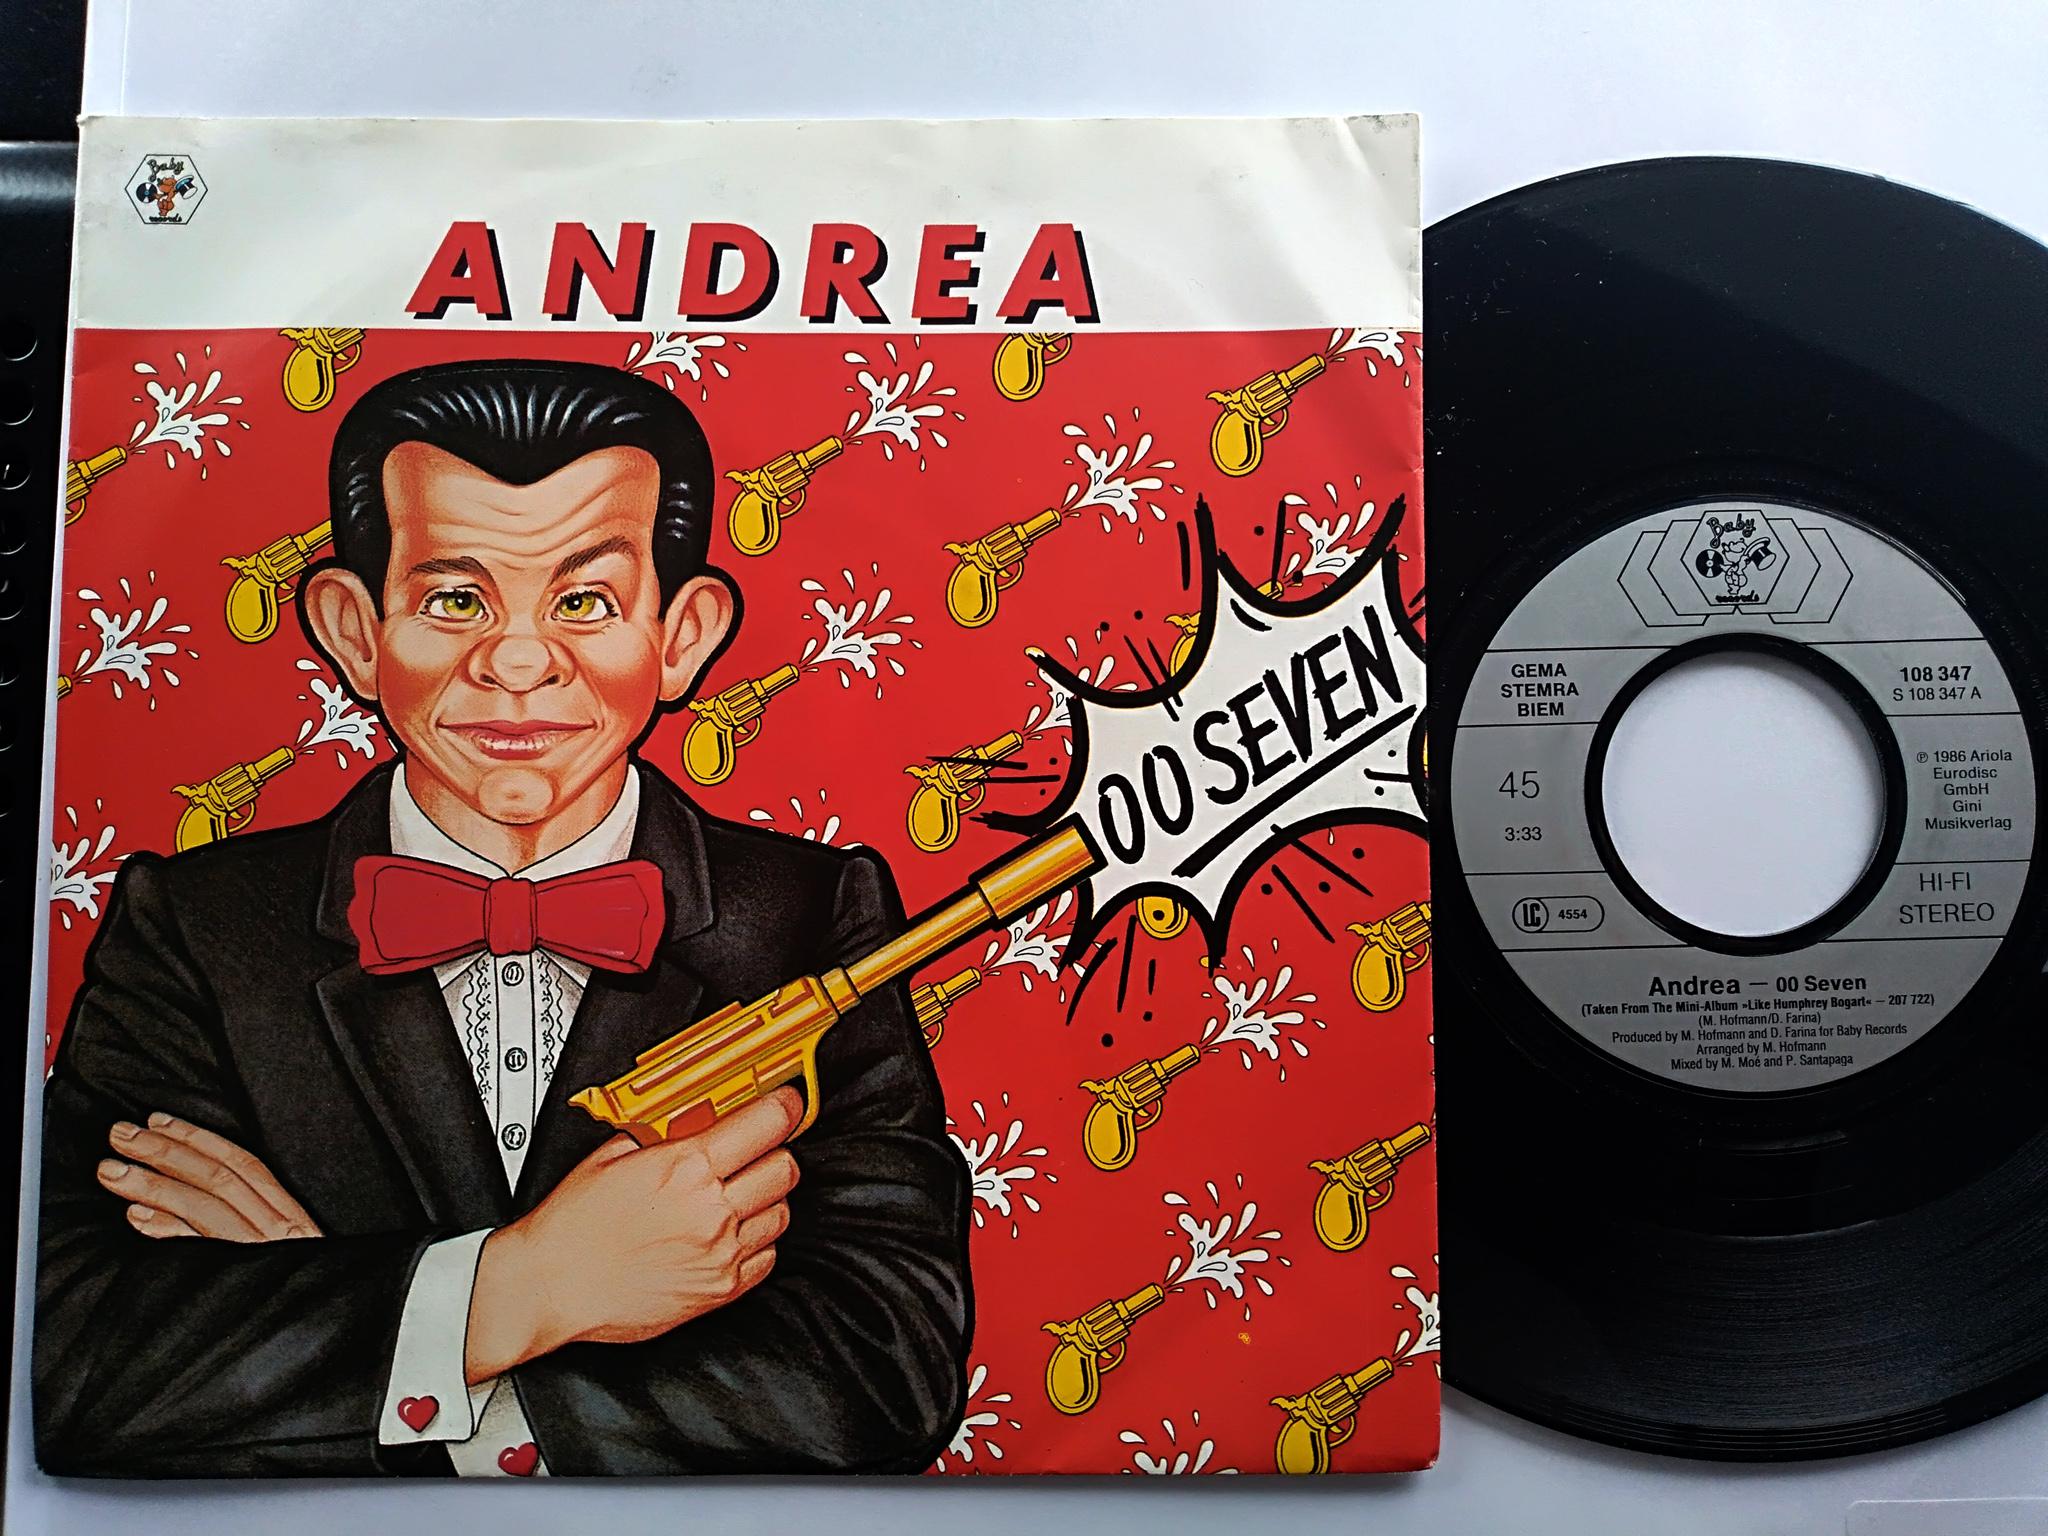 Andrea - 00Seven 7'